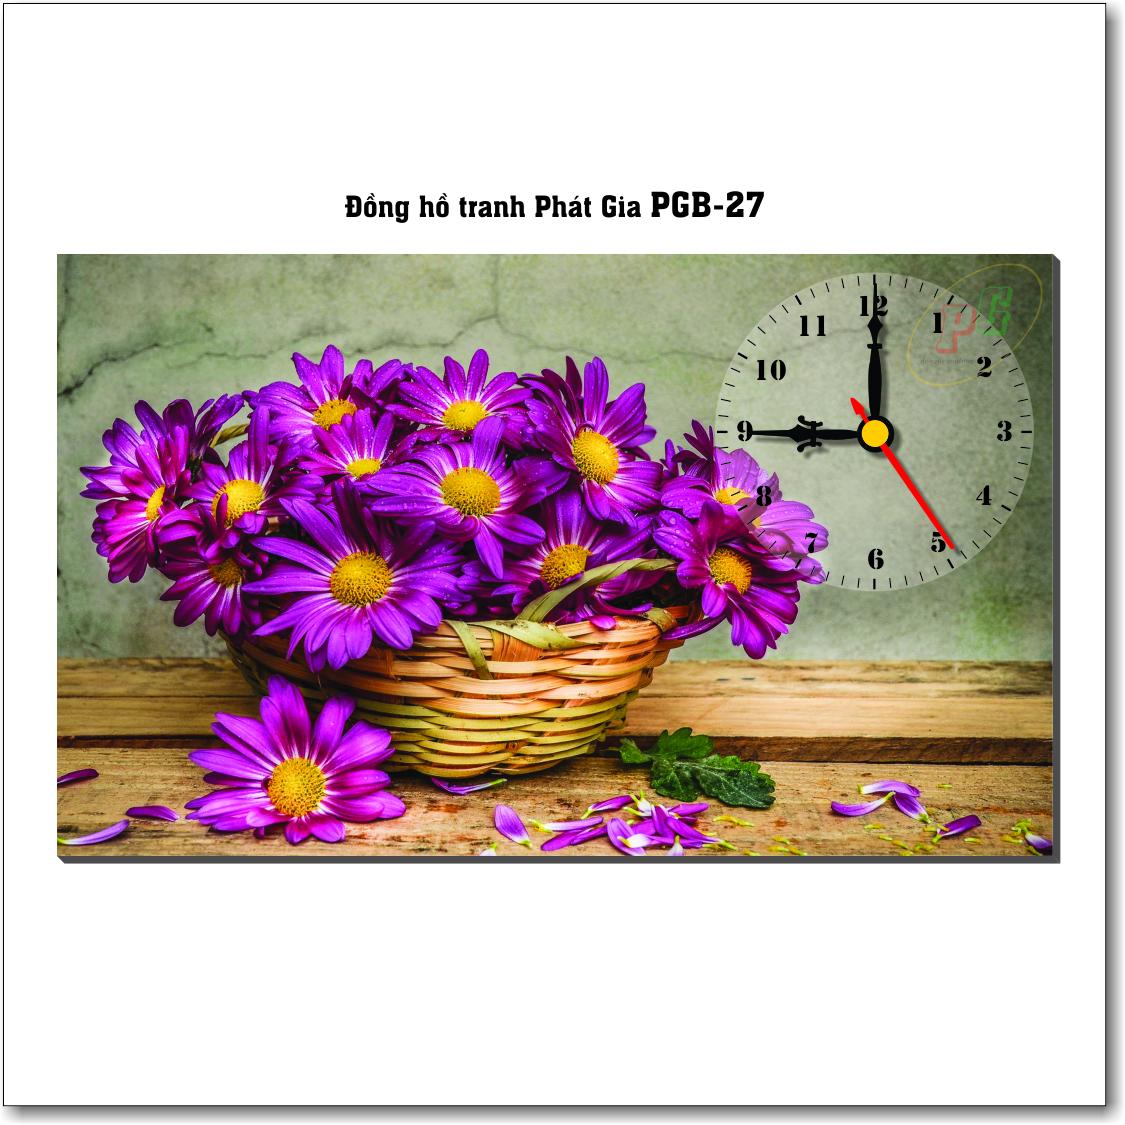 Đồng hồ tranh để bàn PGB-27